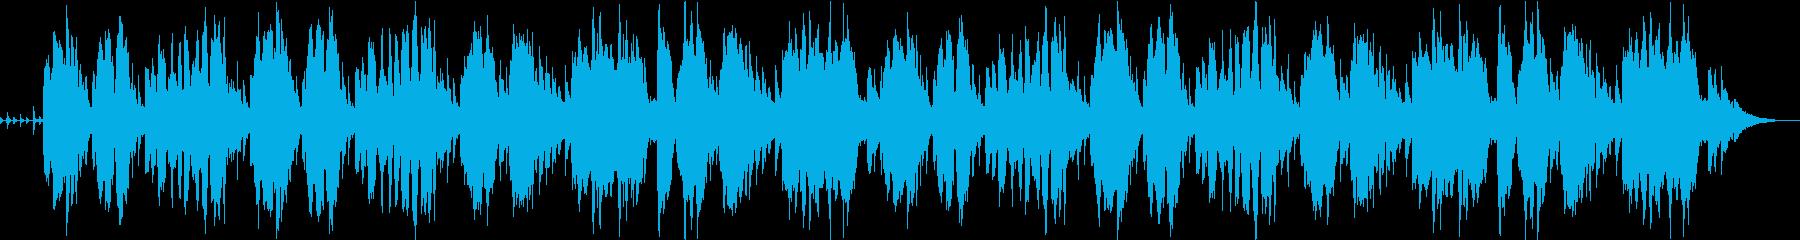 陽気で楽しいジプシージャズの再生済みの波形